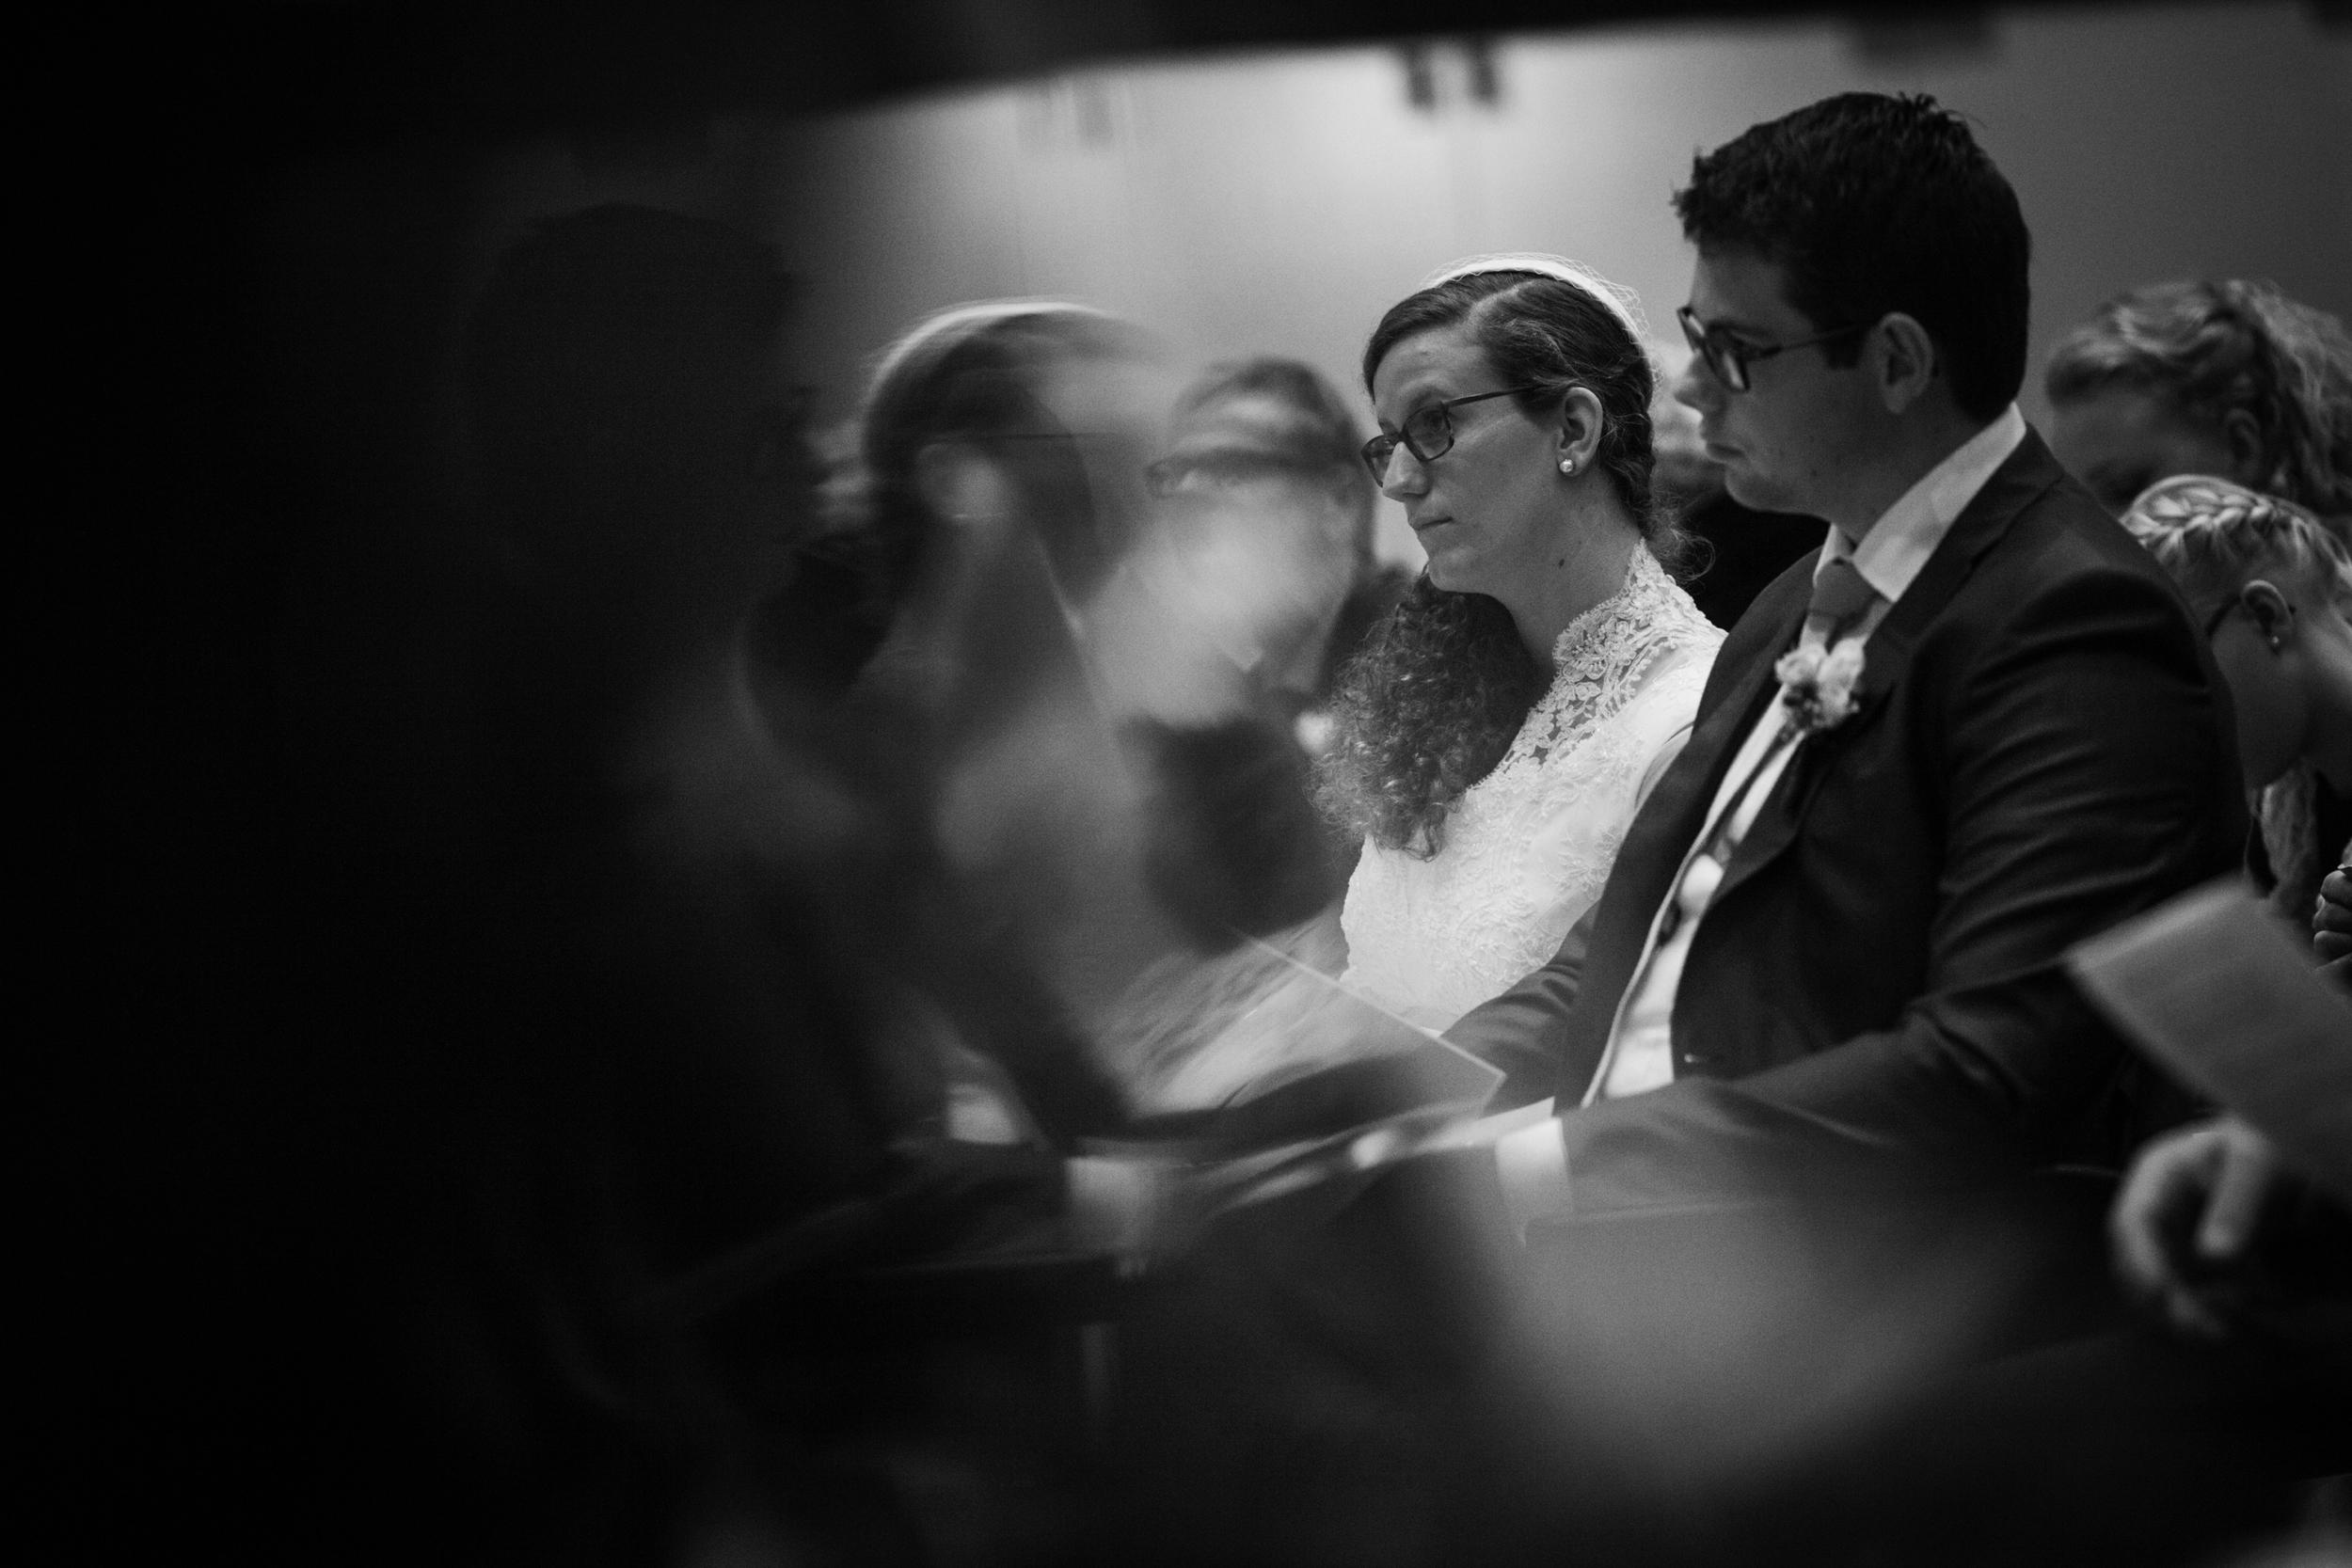 bruidsfotograaf-ede-utrecht-trouwfotograaf-trouwen-bruiloft_0275.jpg